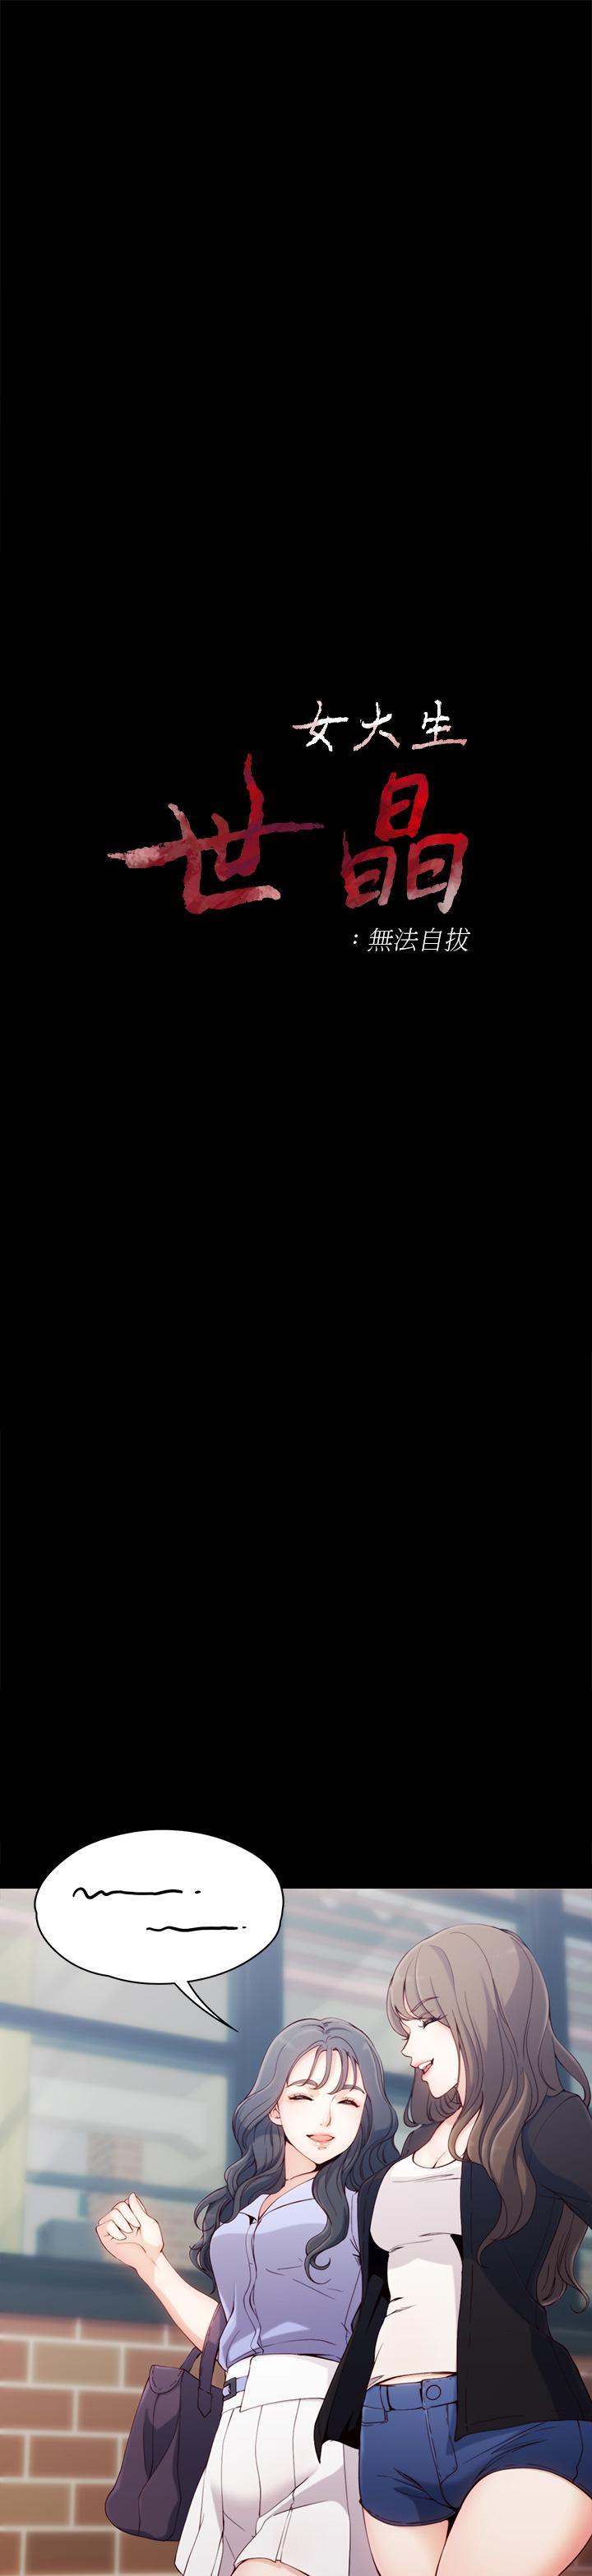 [朴敏&金Zetta]女大生世晶:无法自拔 EP.1(正體中文)高畫質版本 4